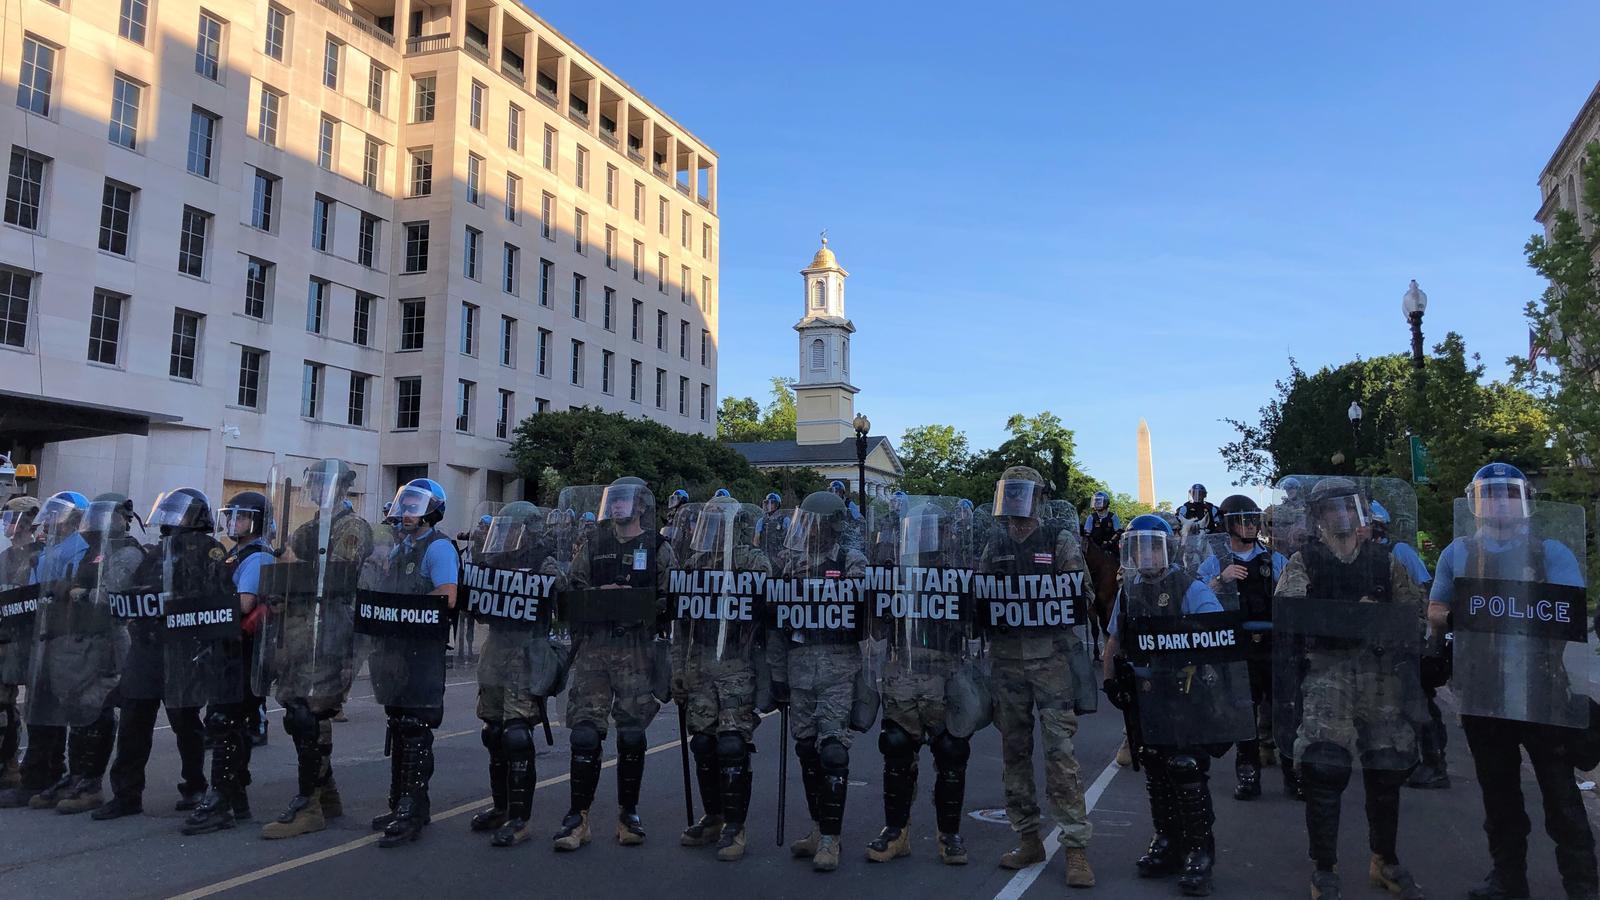 Policia militar desplegada als carrers de Washington